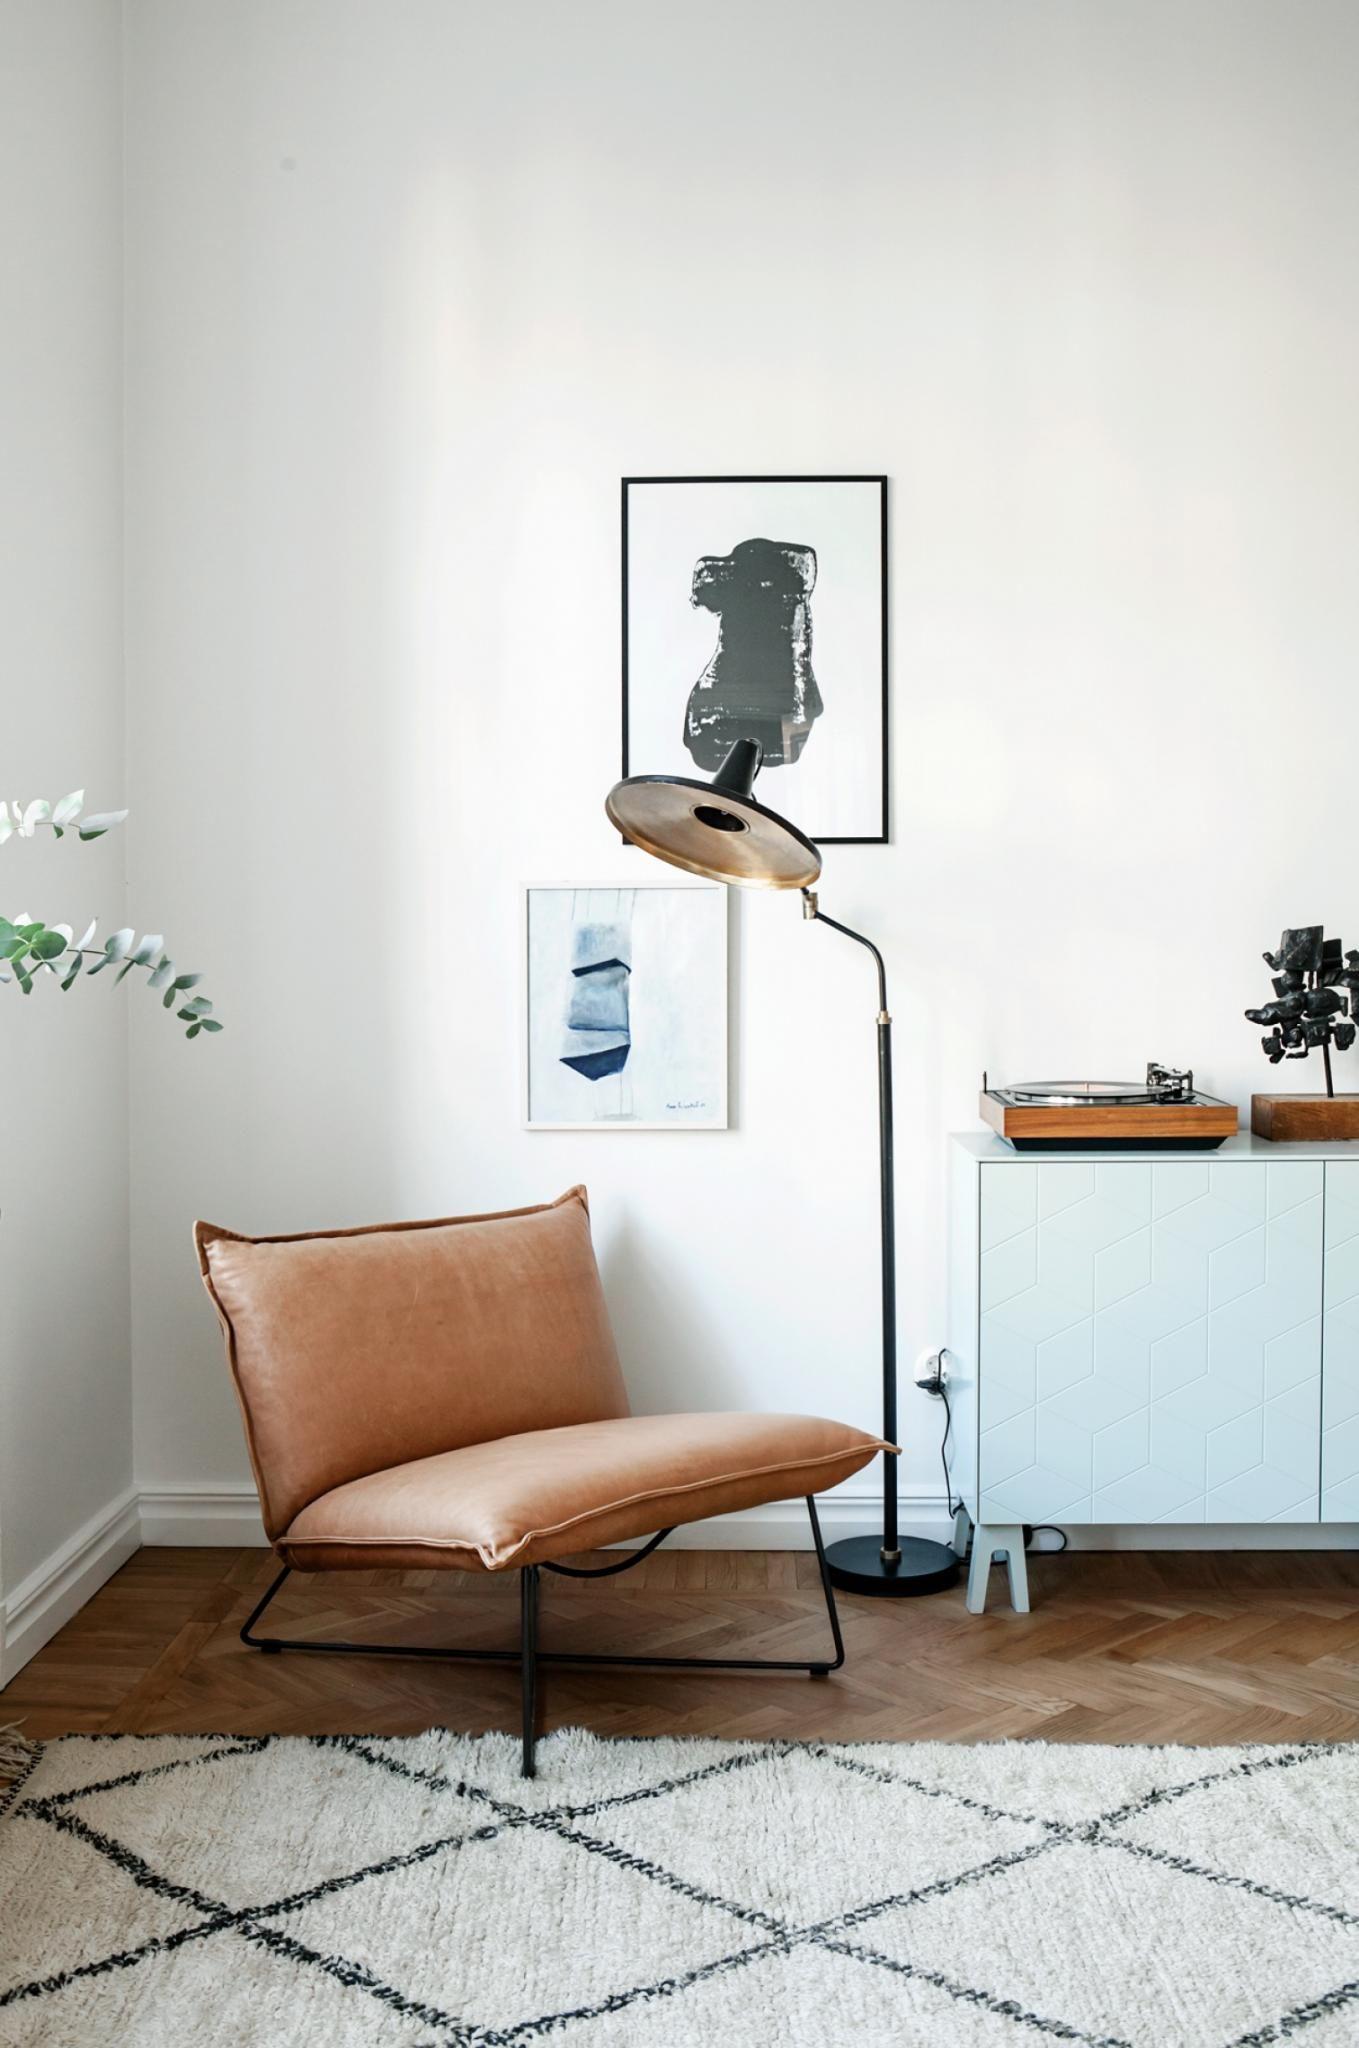 Pin von Decorate Home Style auf Home Decor | Pinterest